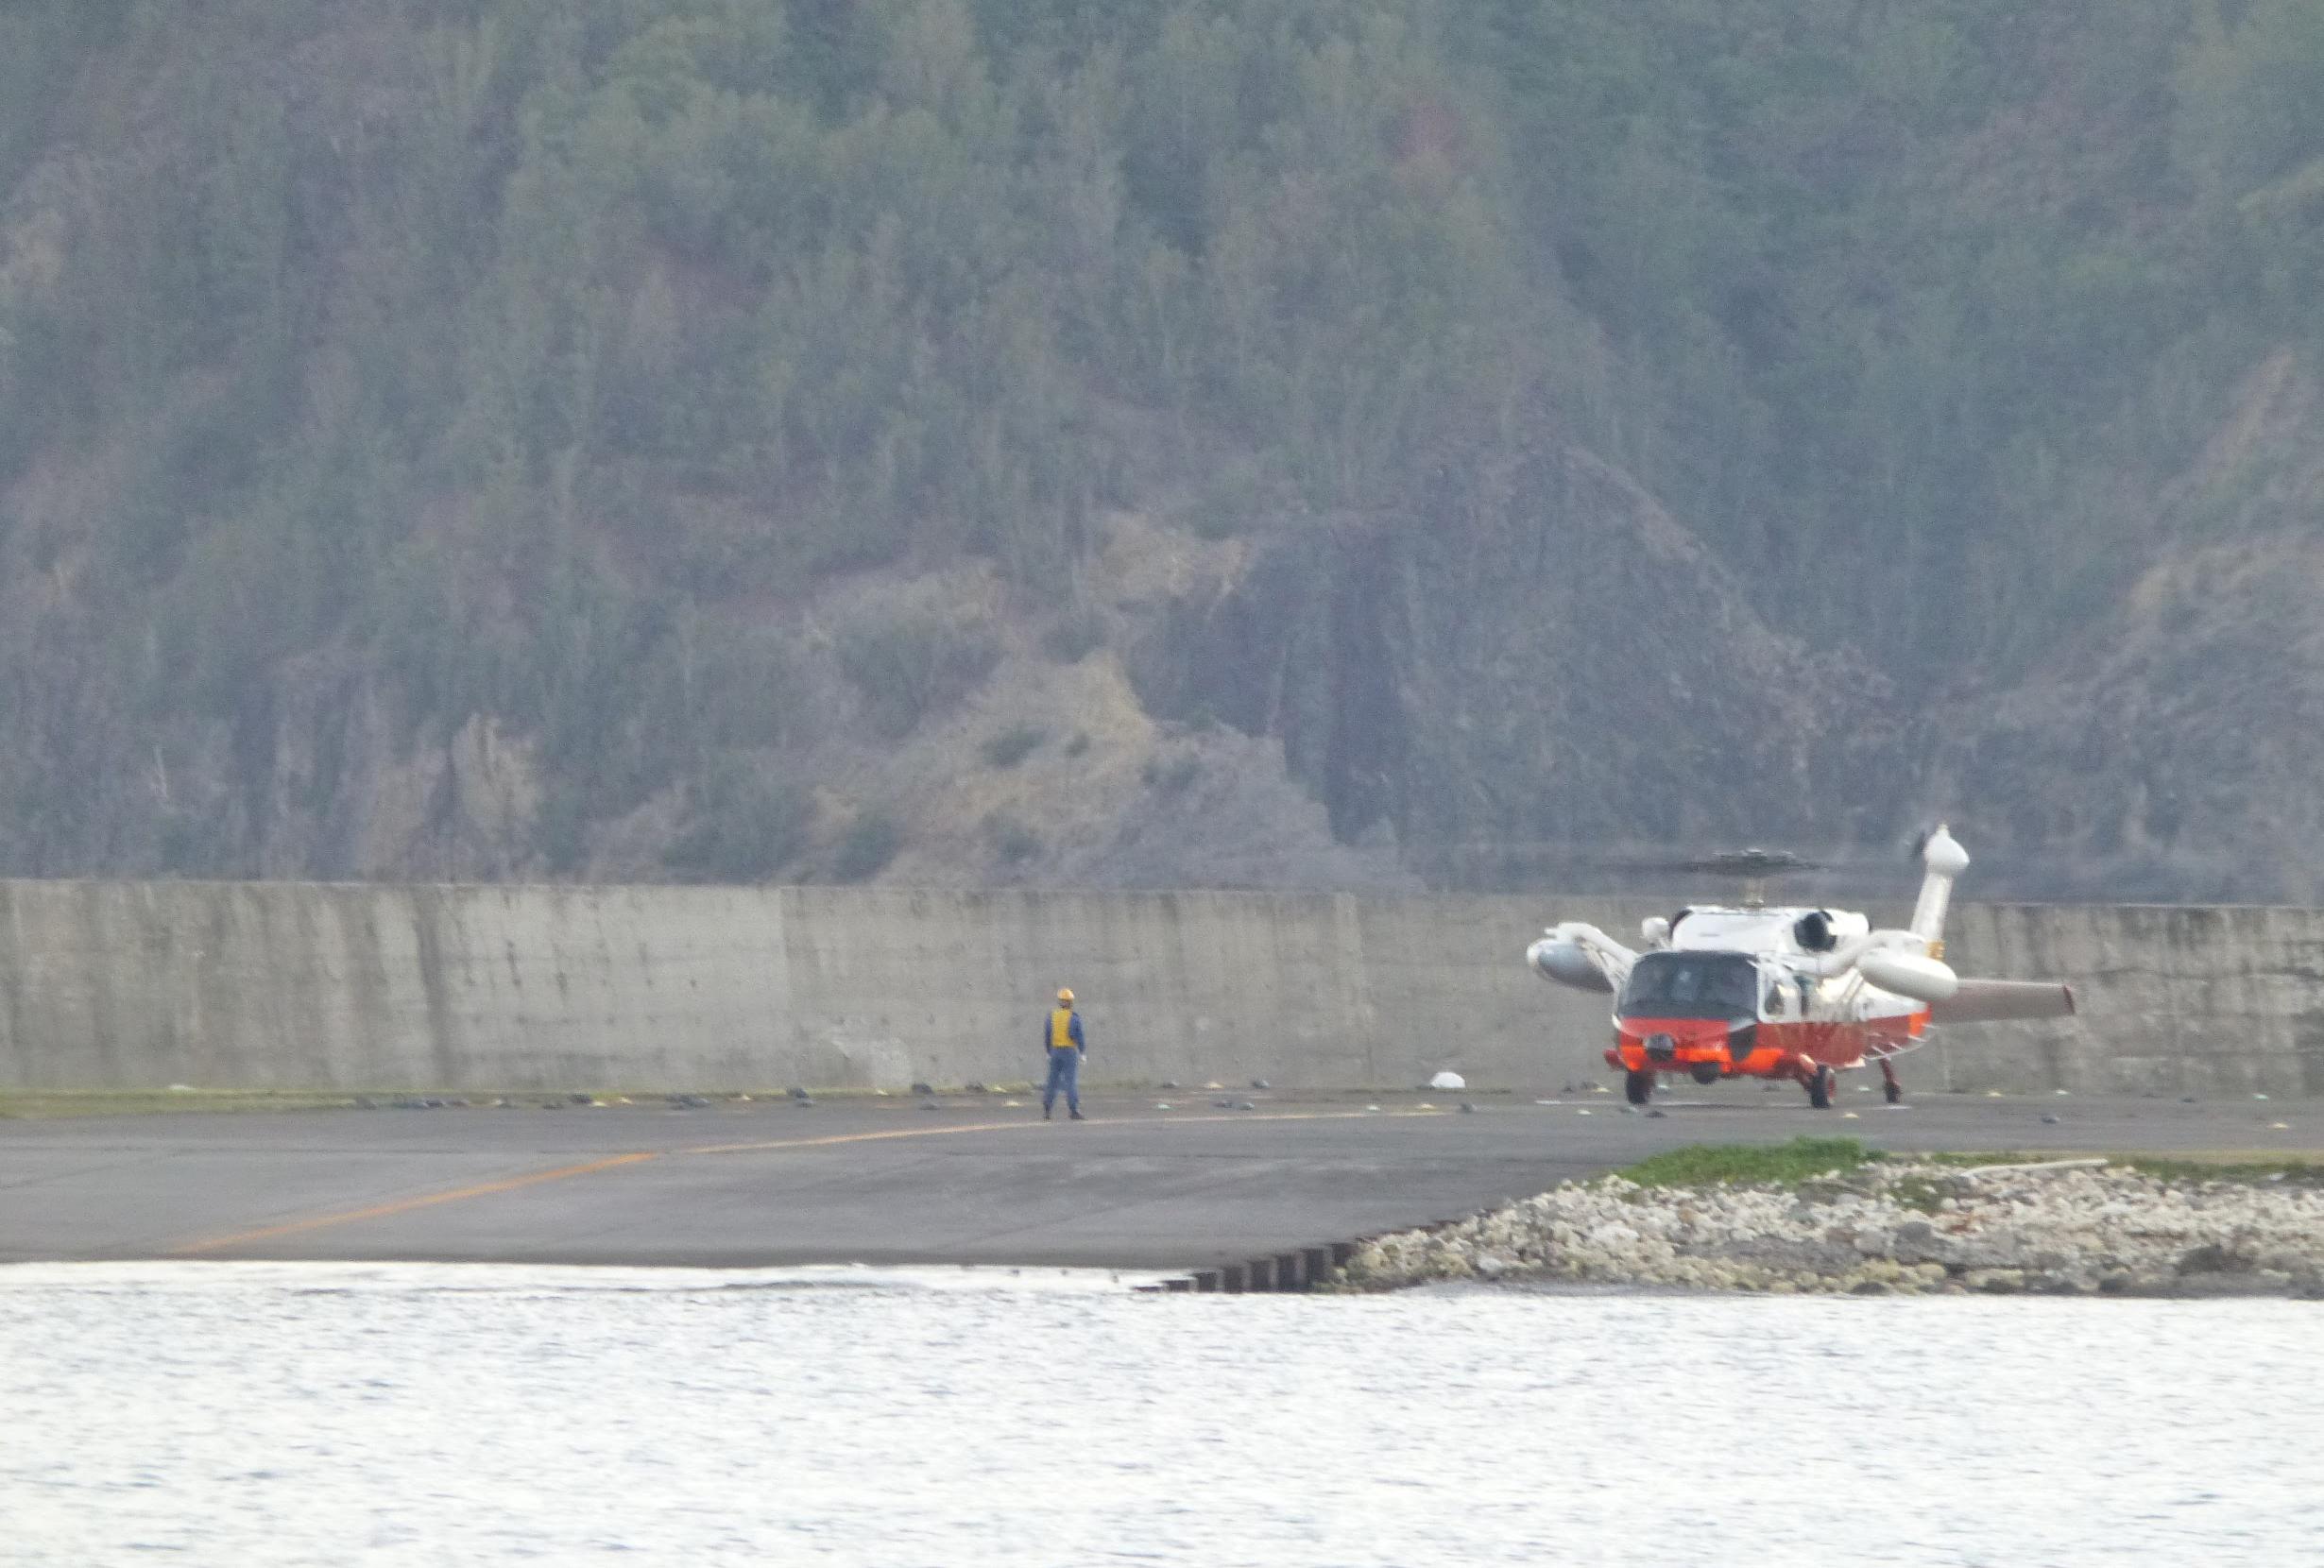 小笠原諸島 病院はない 救急車はヘリコプター